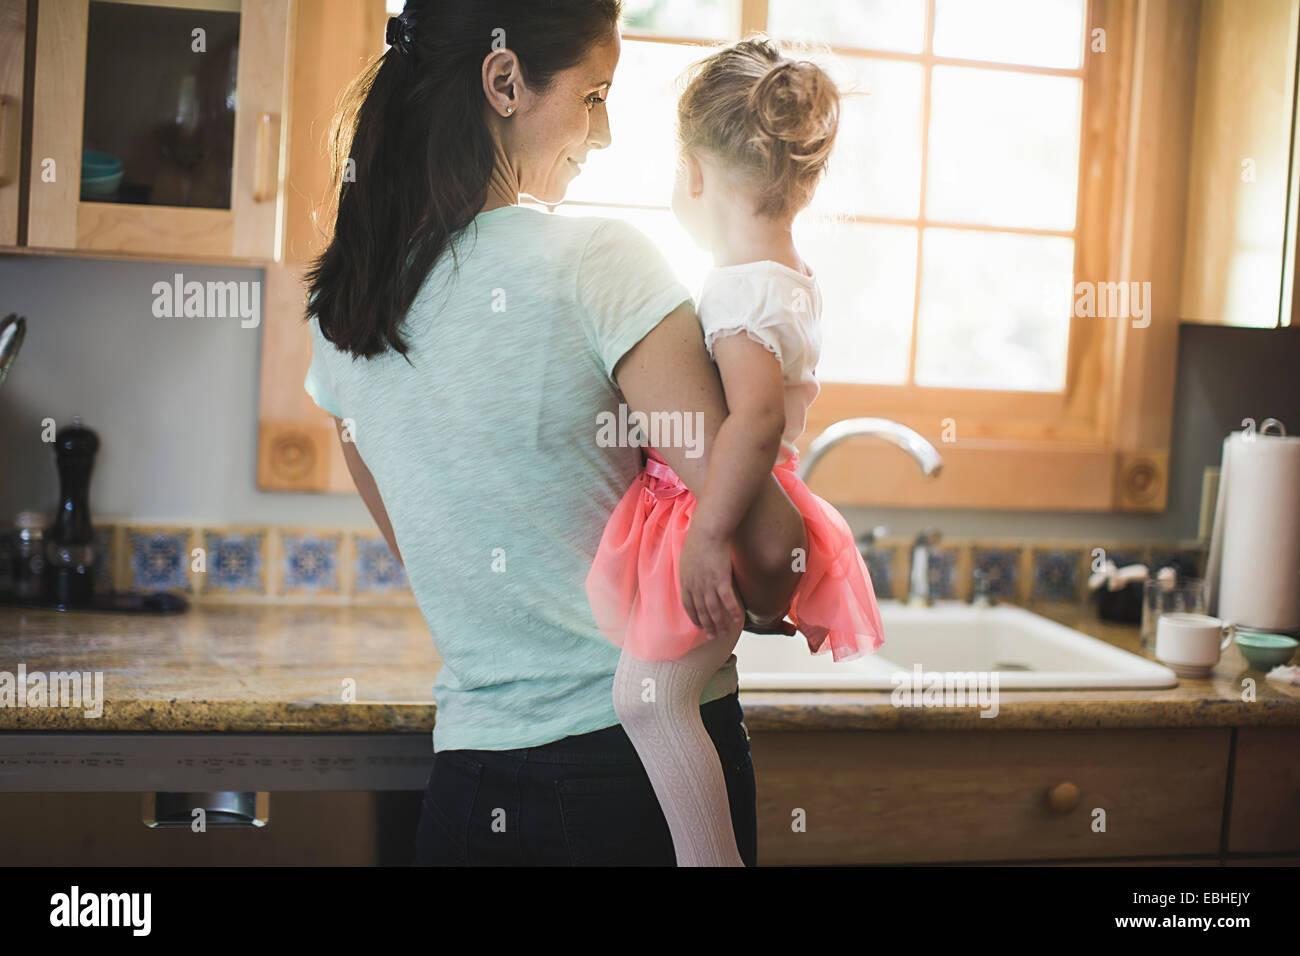 Madre e hija jugando en la cocina Imagen De Stock